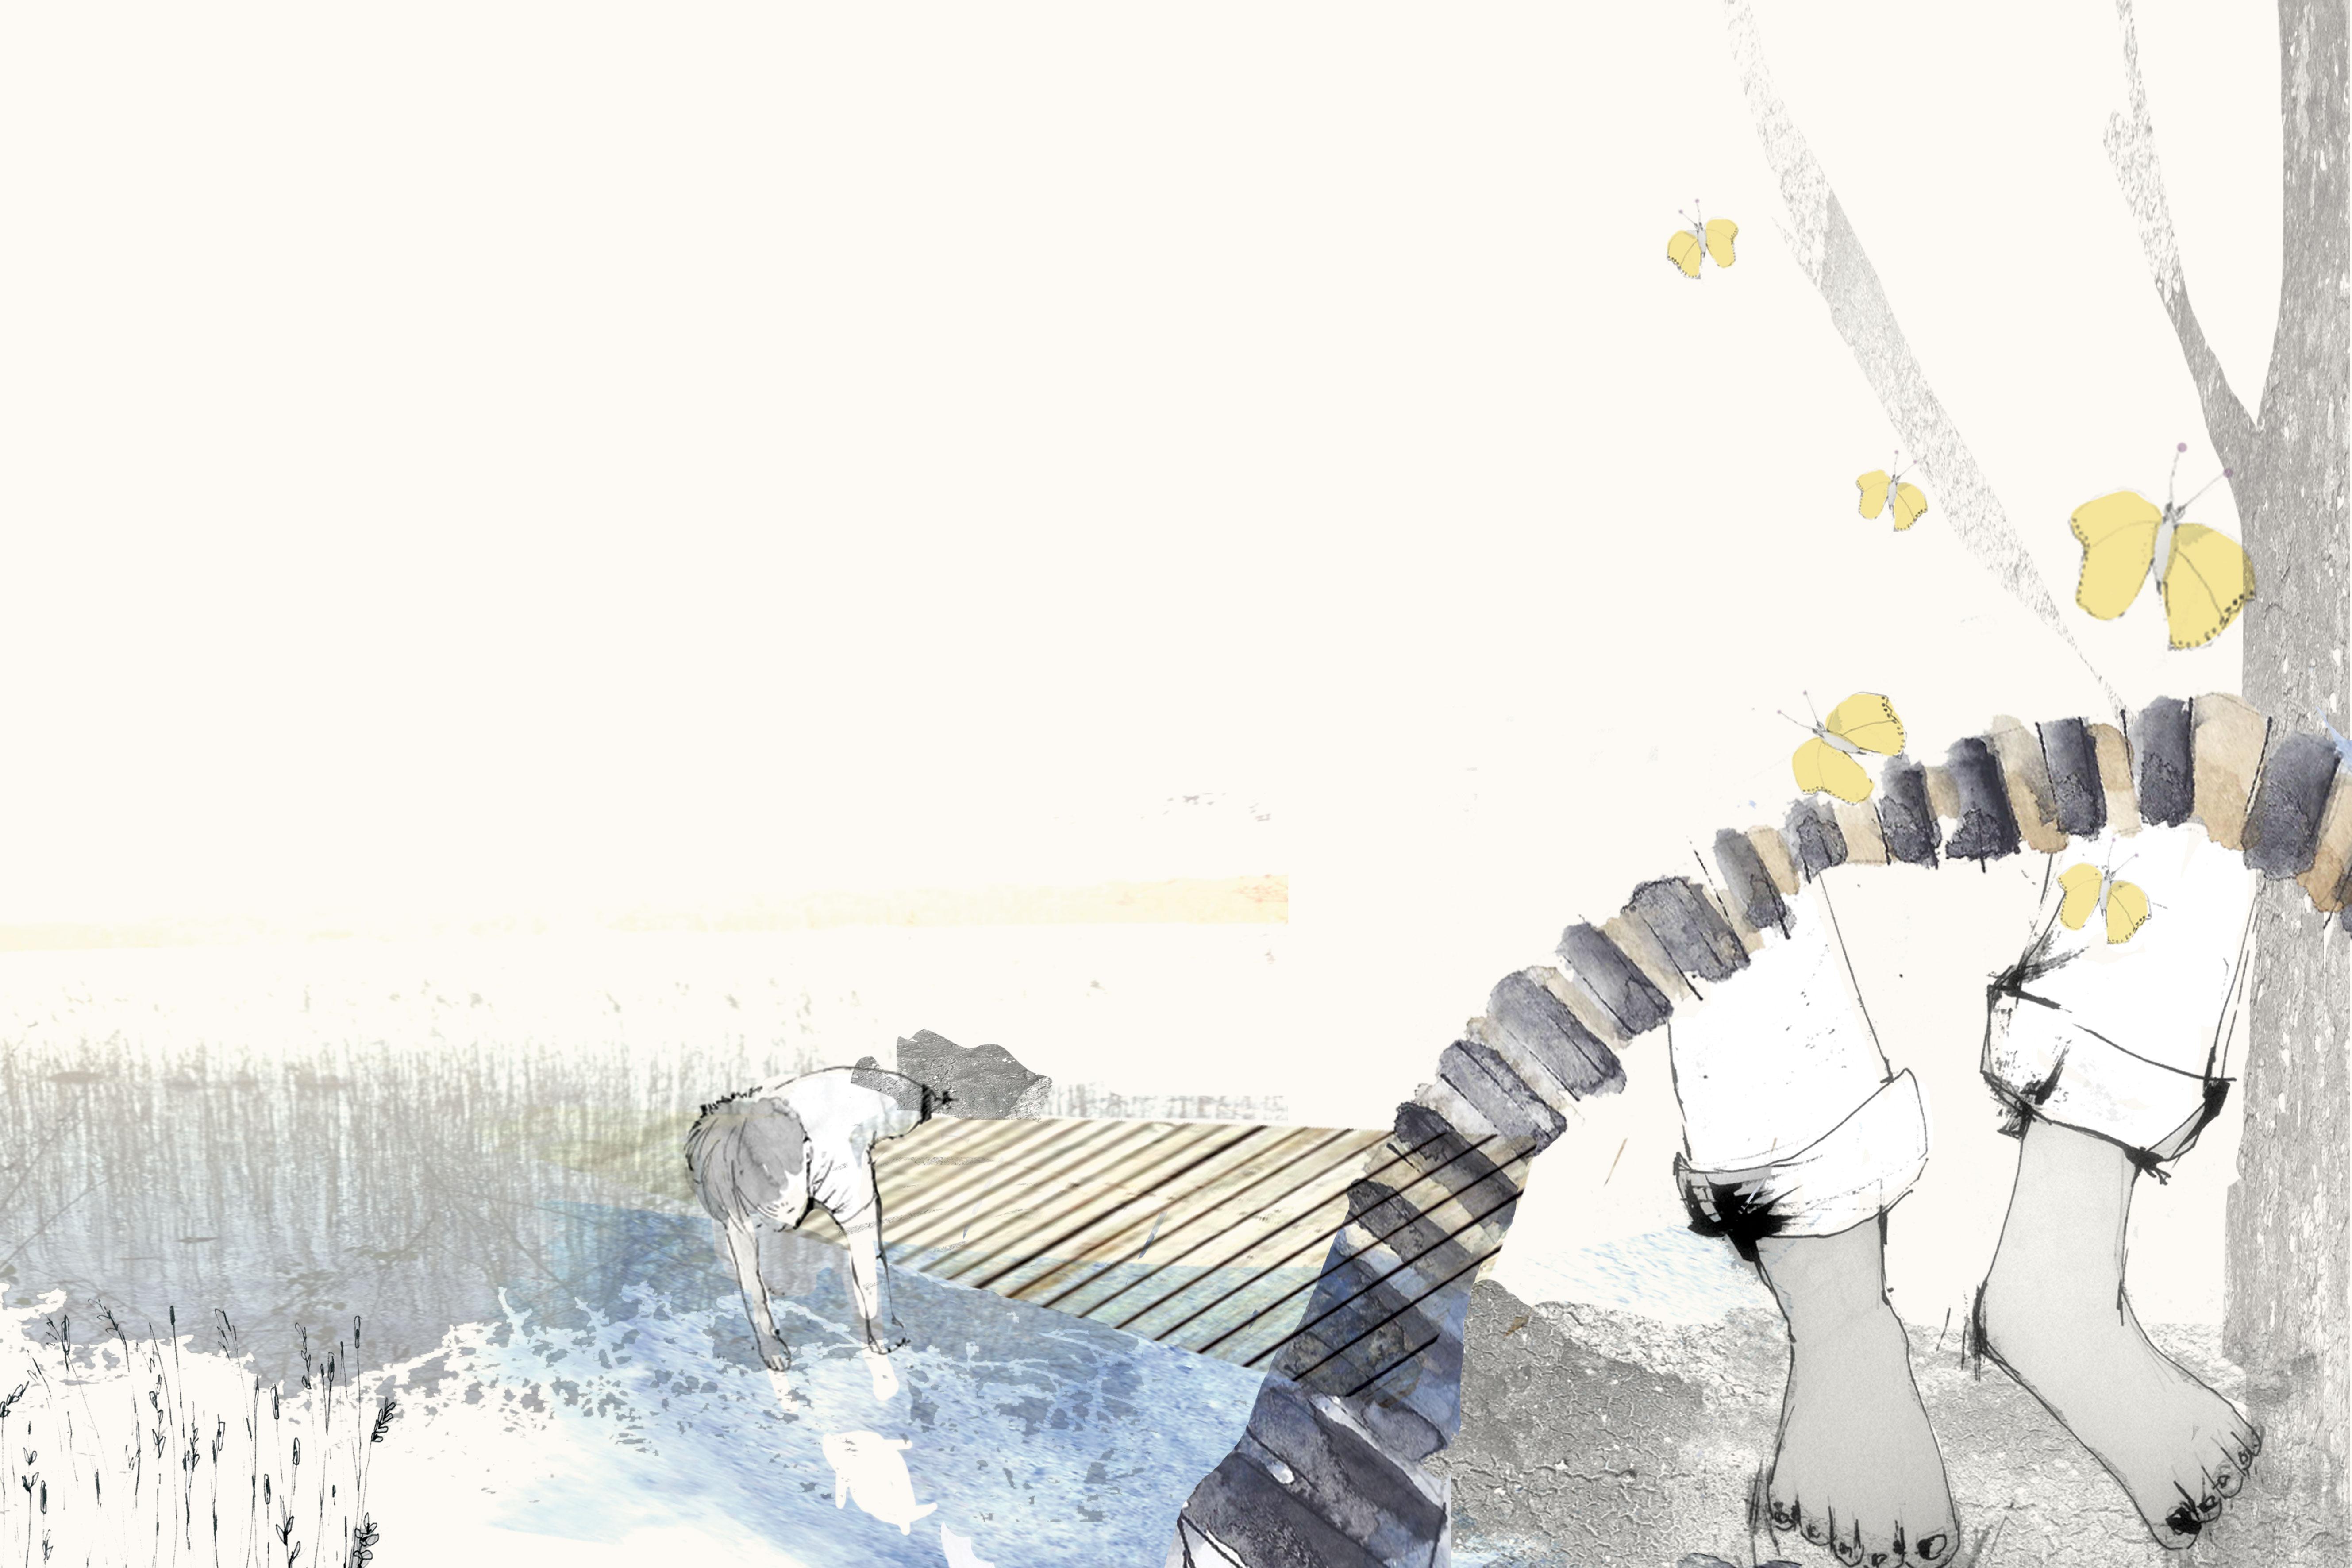 Ned til bækken. Fortalt af Jens Peter Madsen, tegning af Tanja Eijgendaal